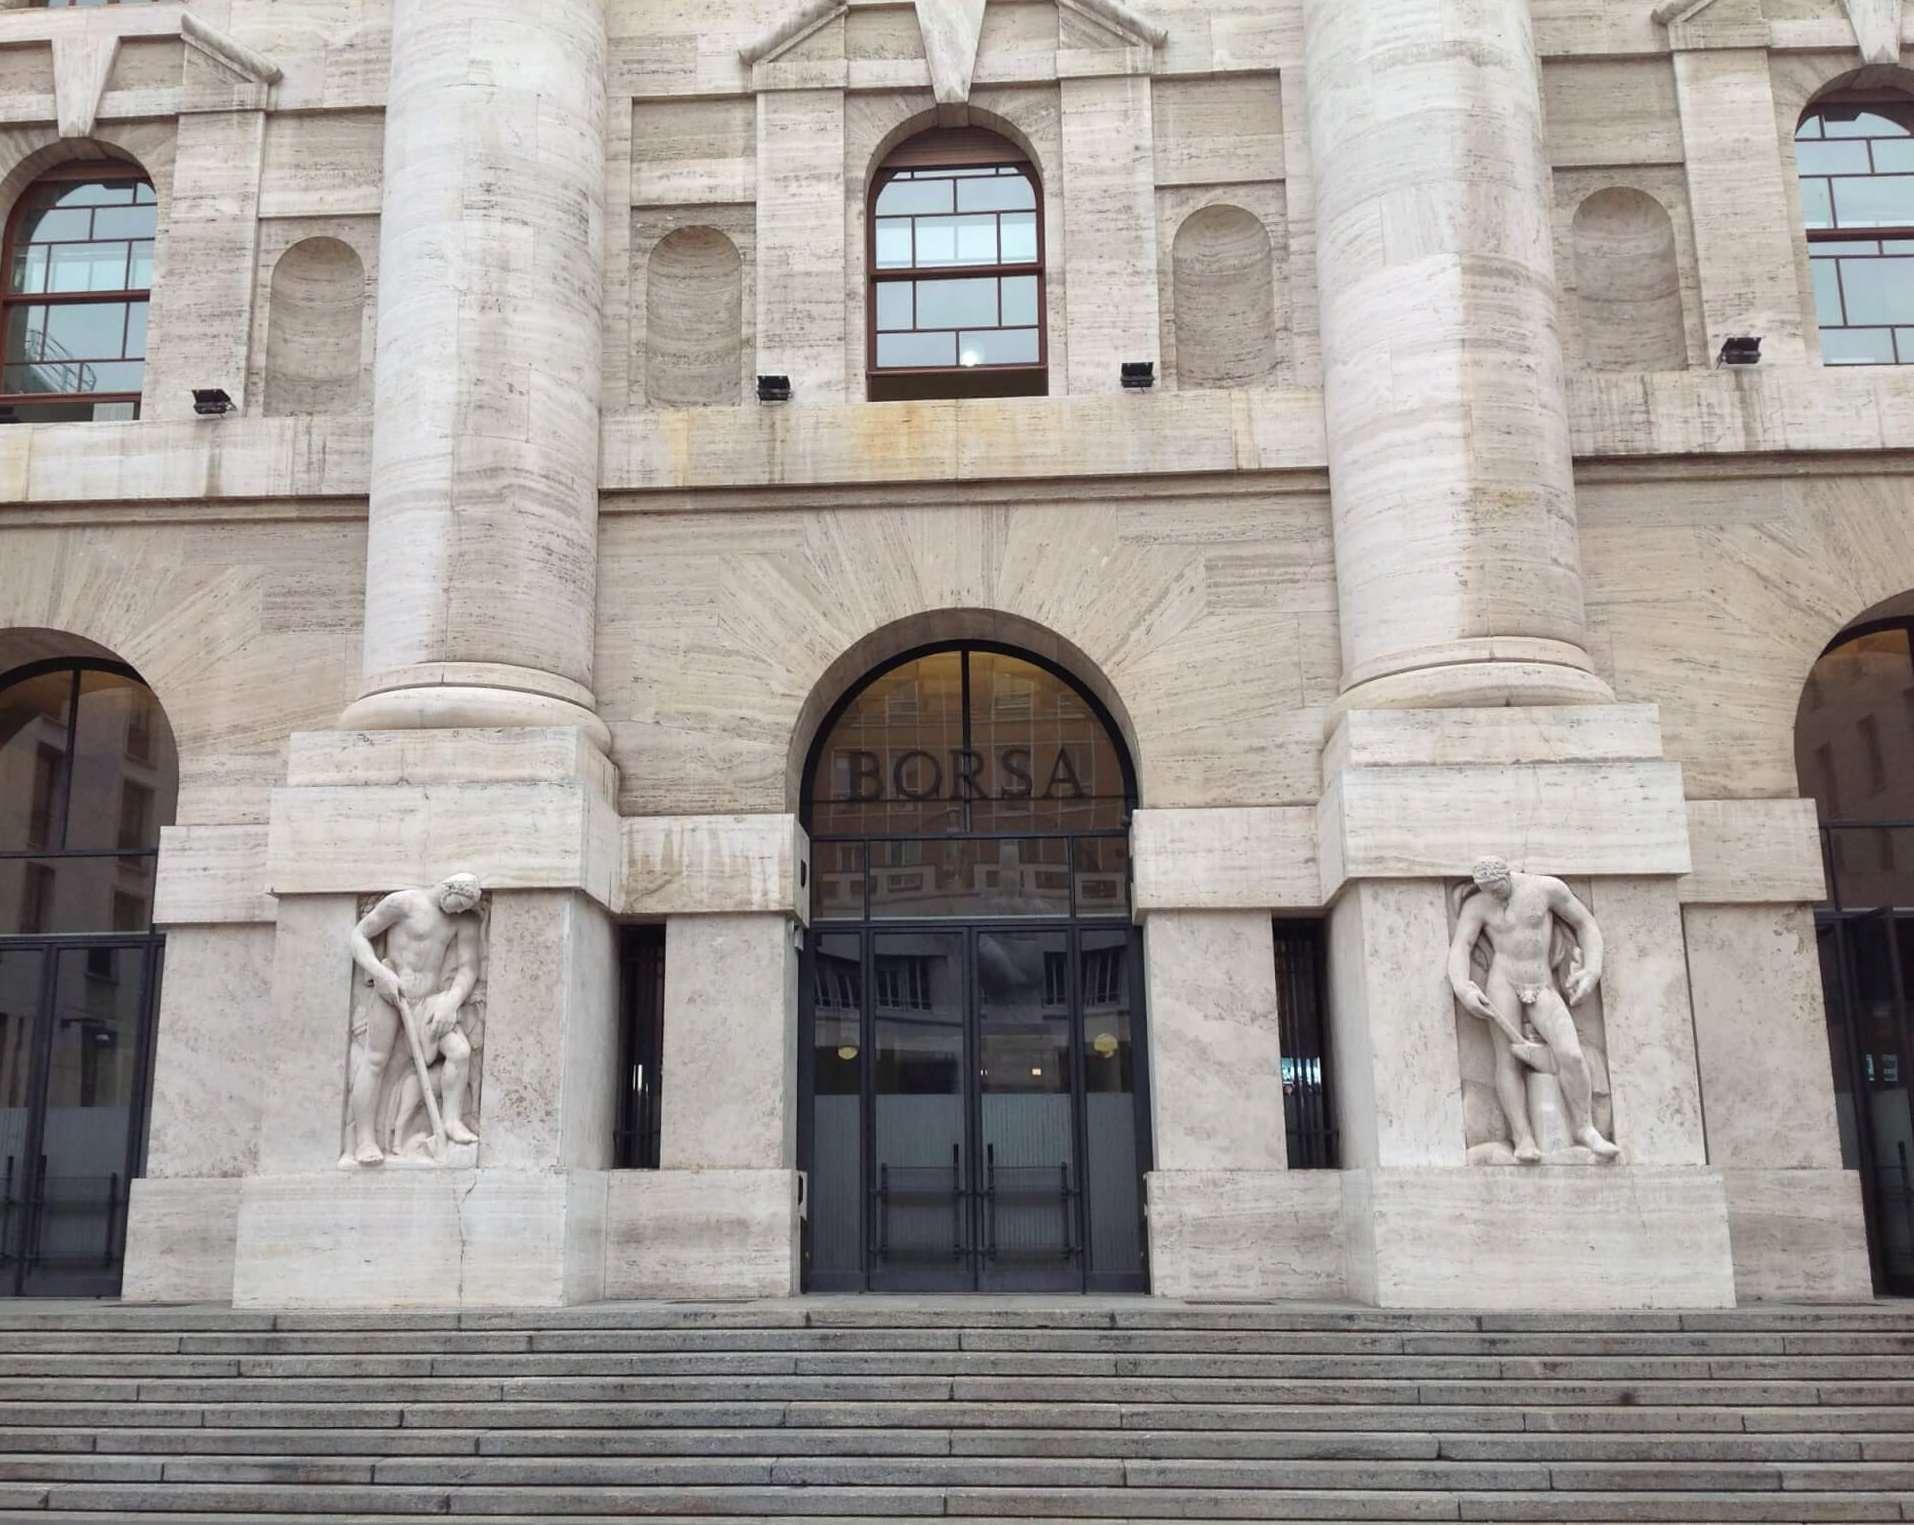 74c1659717 Borse europee, apertura in calo. A Milano riflettori su Unicredit ...